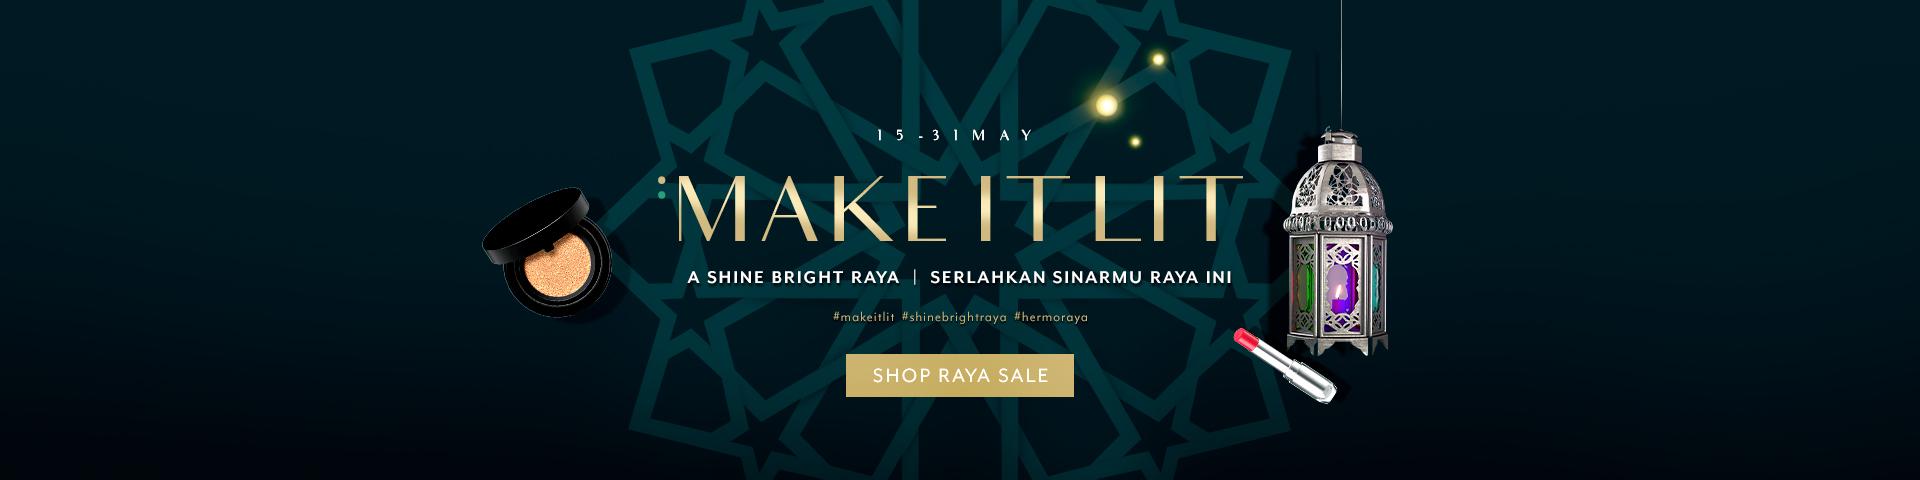 Raya 2019 : Make It LIT - A Shine Bright Raya